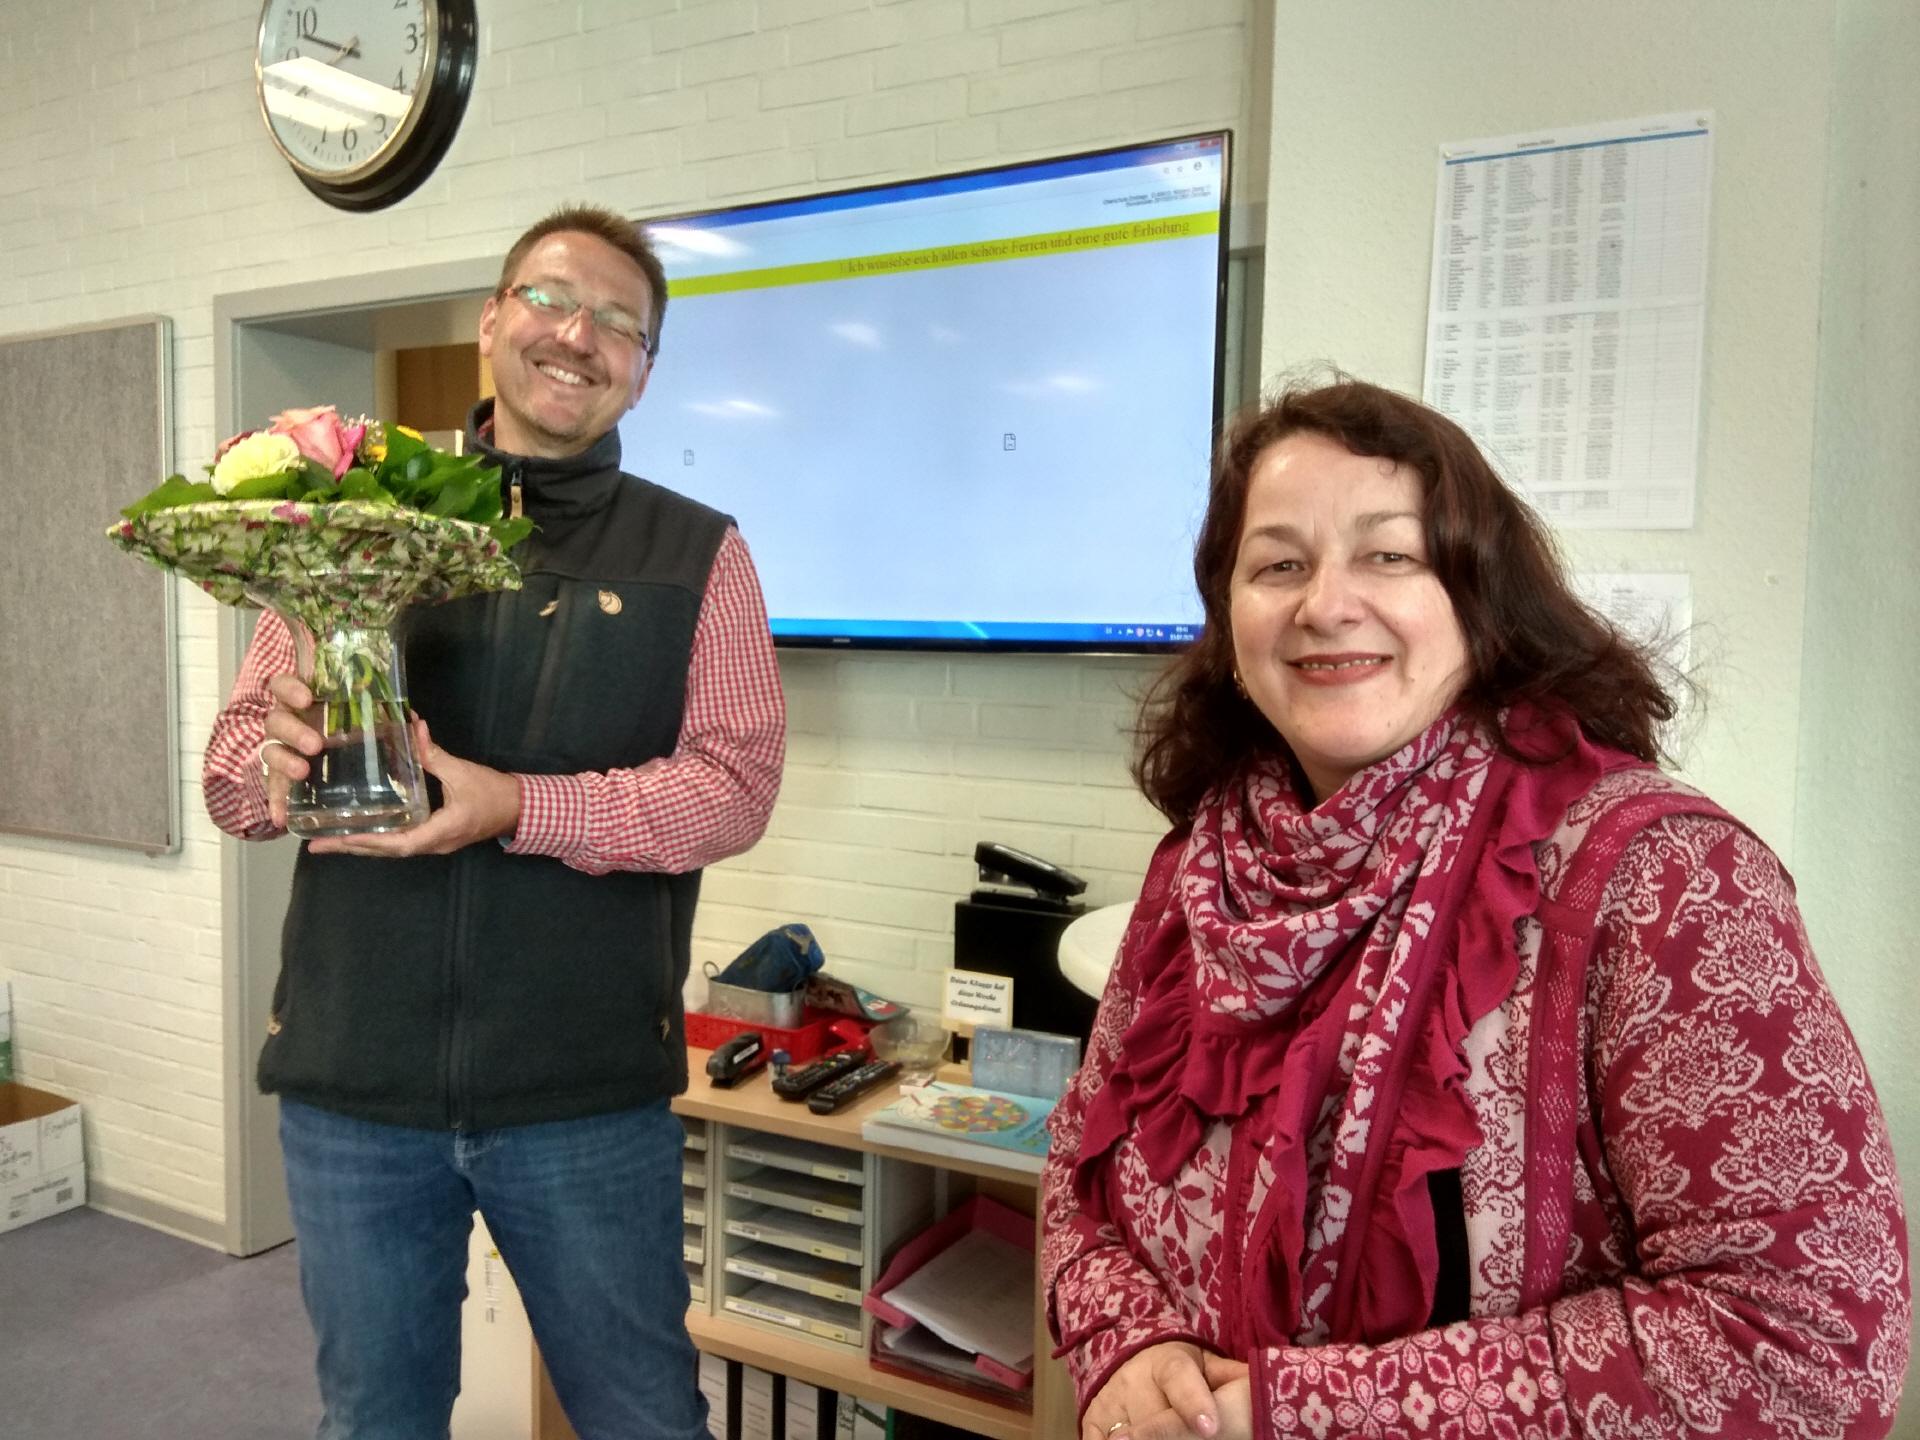 Der stellvertretende Schulleiter Axel Krämer verabschiedet Christine Bürgener. Bild: Röttgers